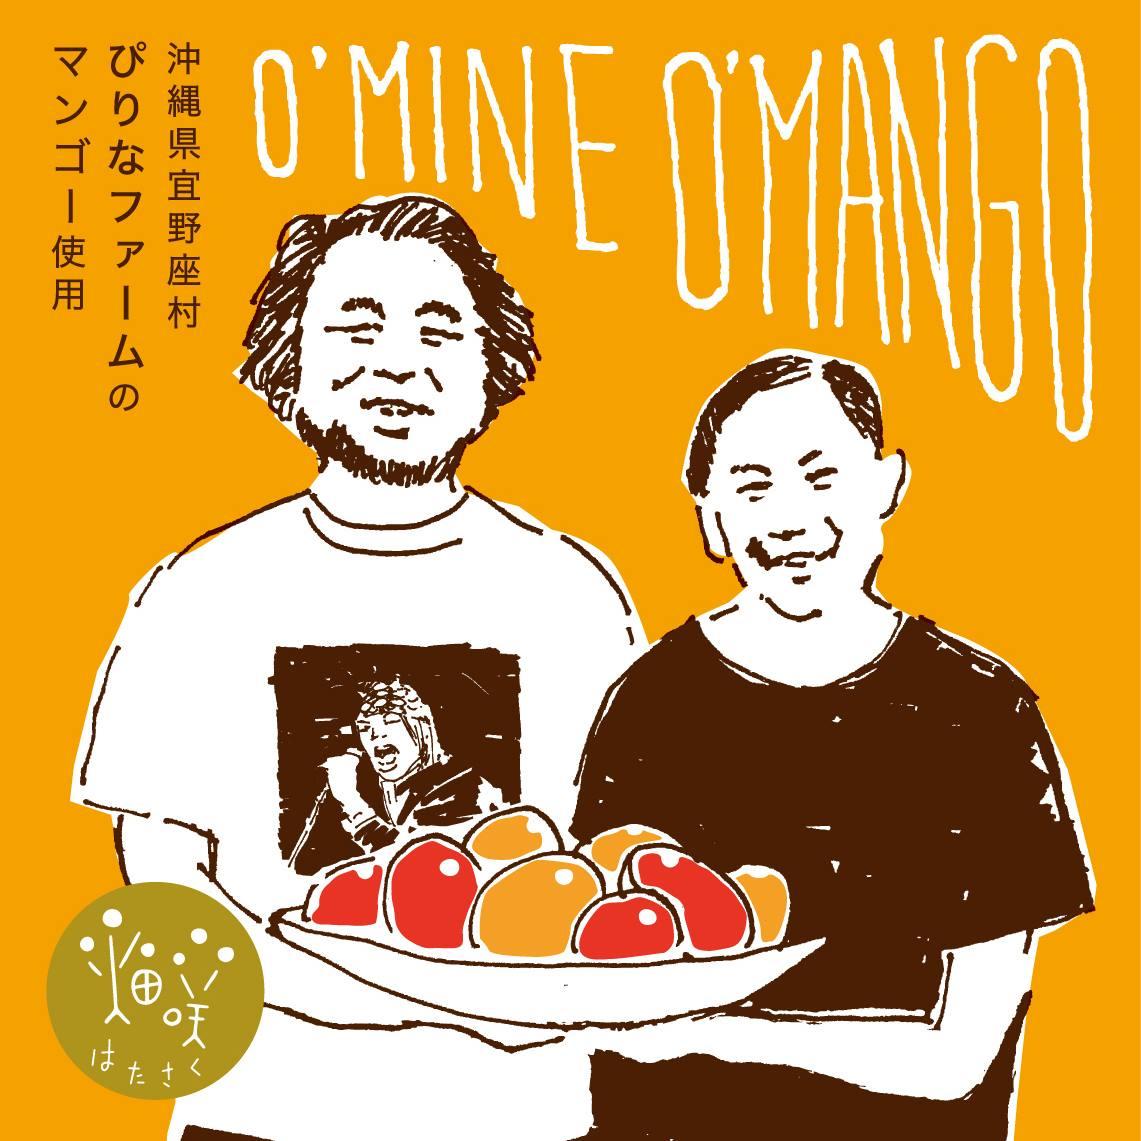 マイファームタイムス スタッフコラム│畑咲くビール第三弾『O' Mine O' Mango』